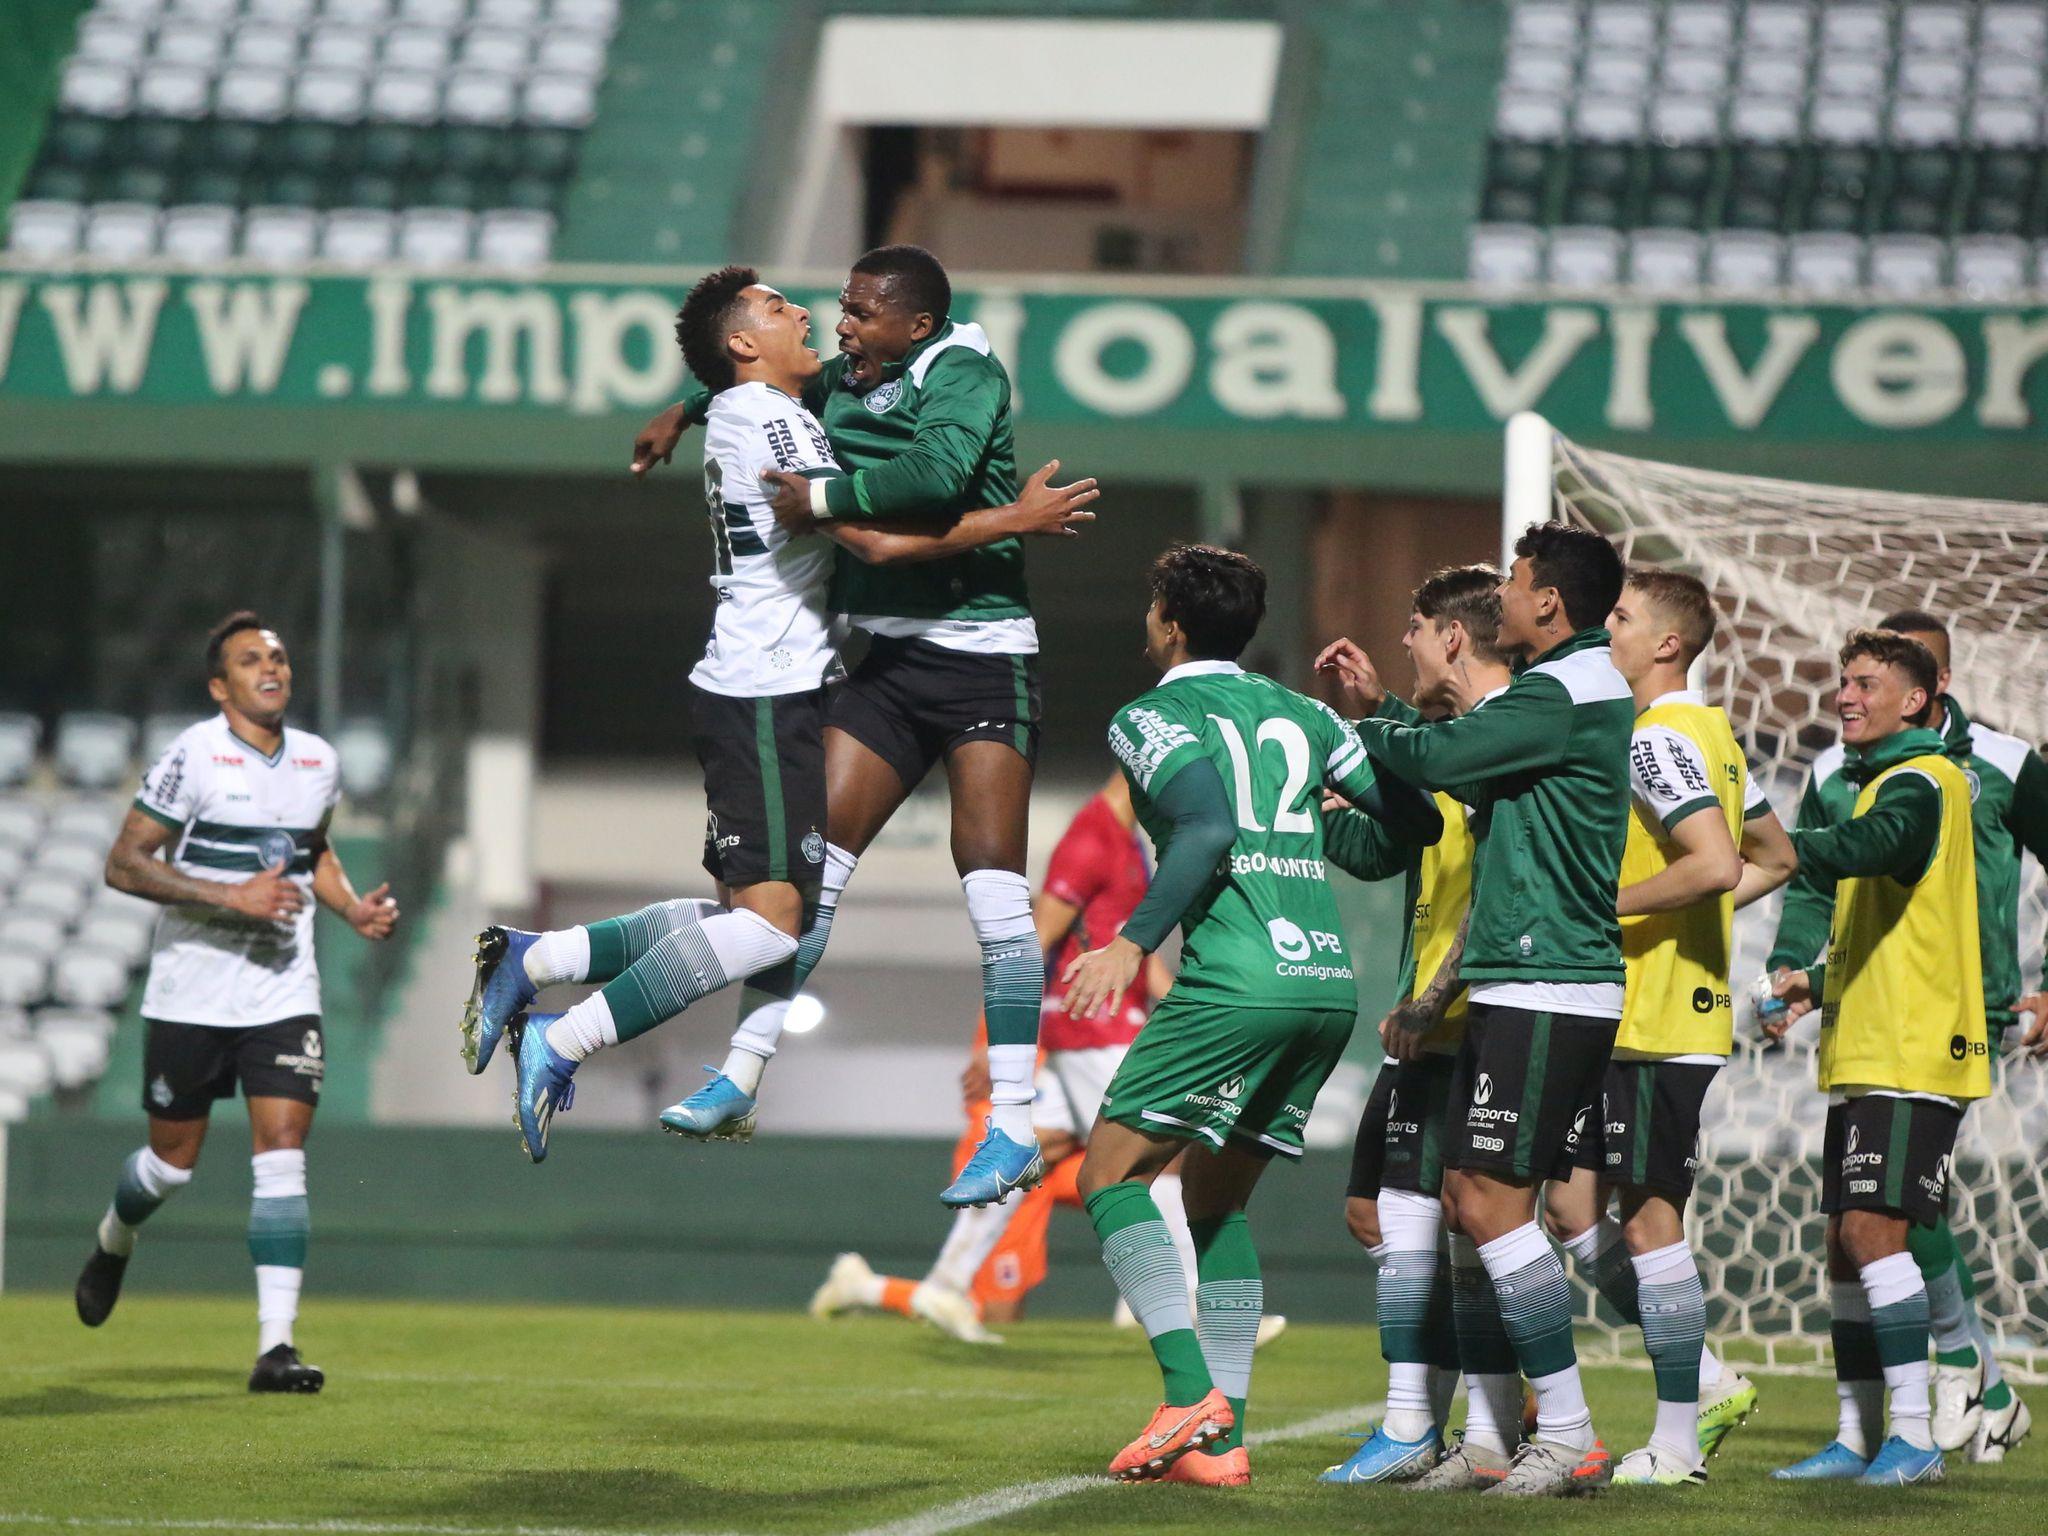 Jogadores do Coritiba comemoram o segundo gol do time. Foto: Divulgação, Coritiba